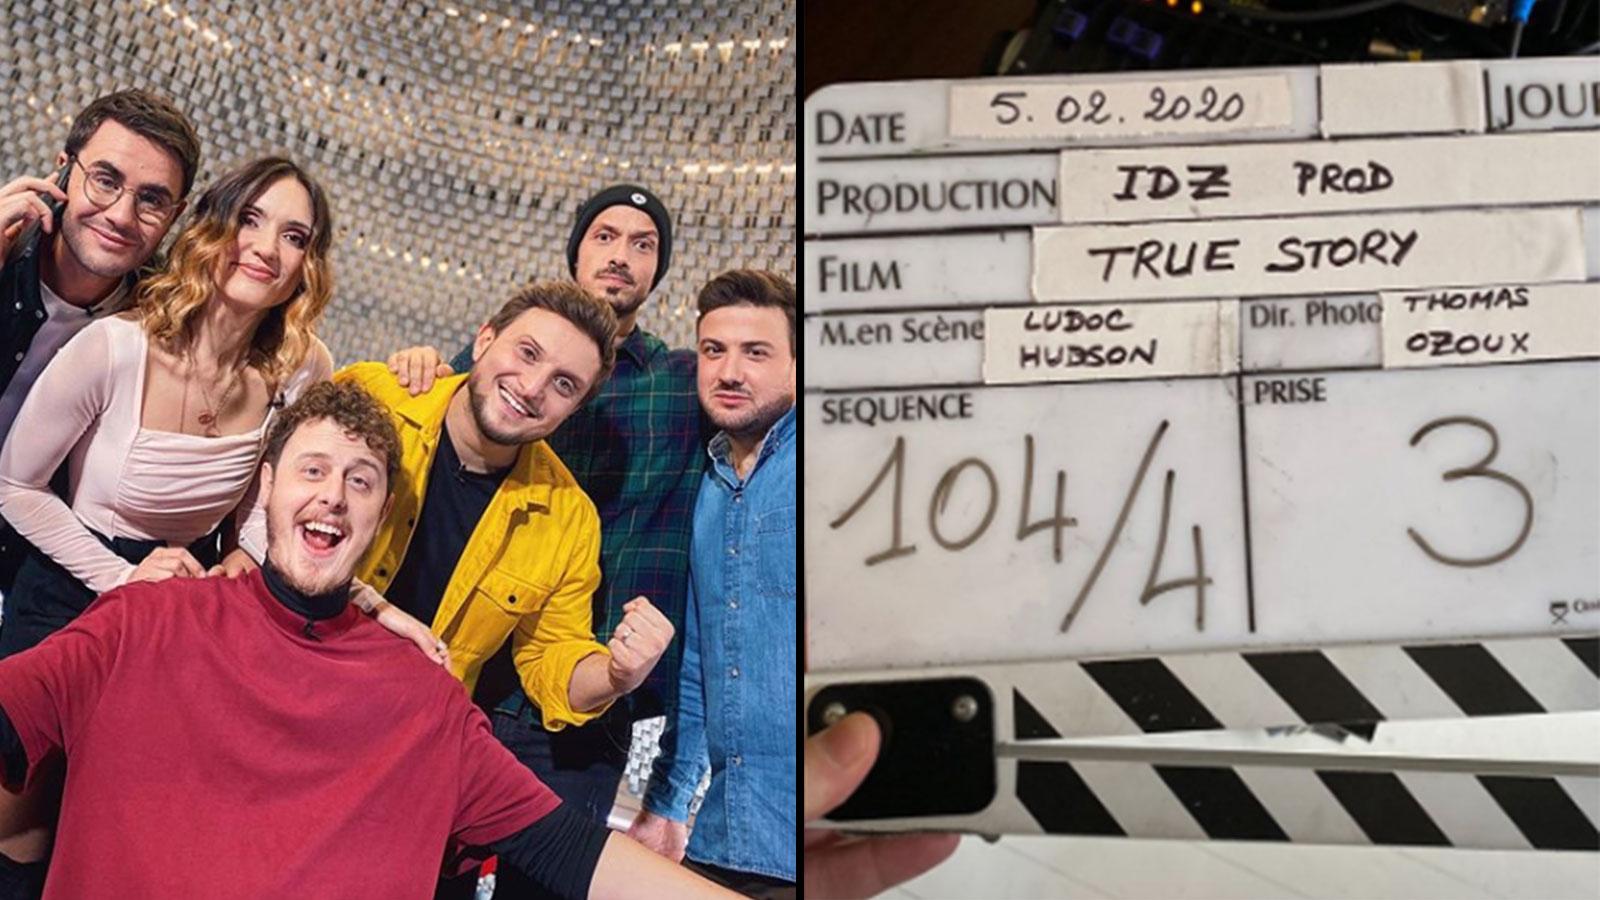 Ludoc donne un aperçu du tournage de True Story